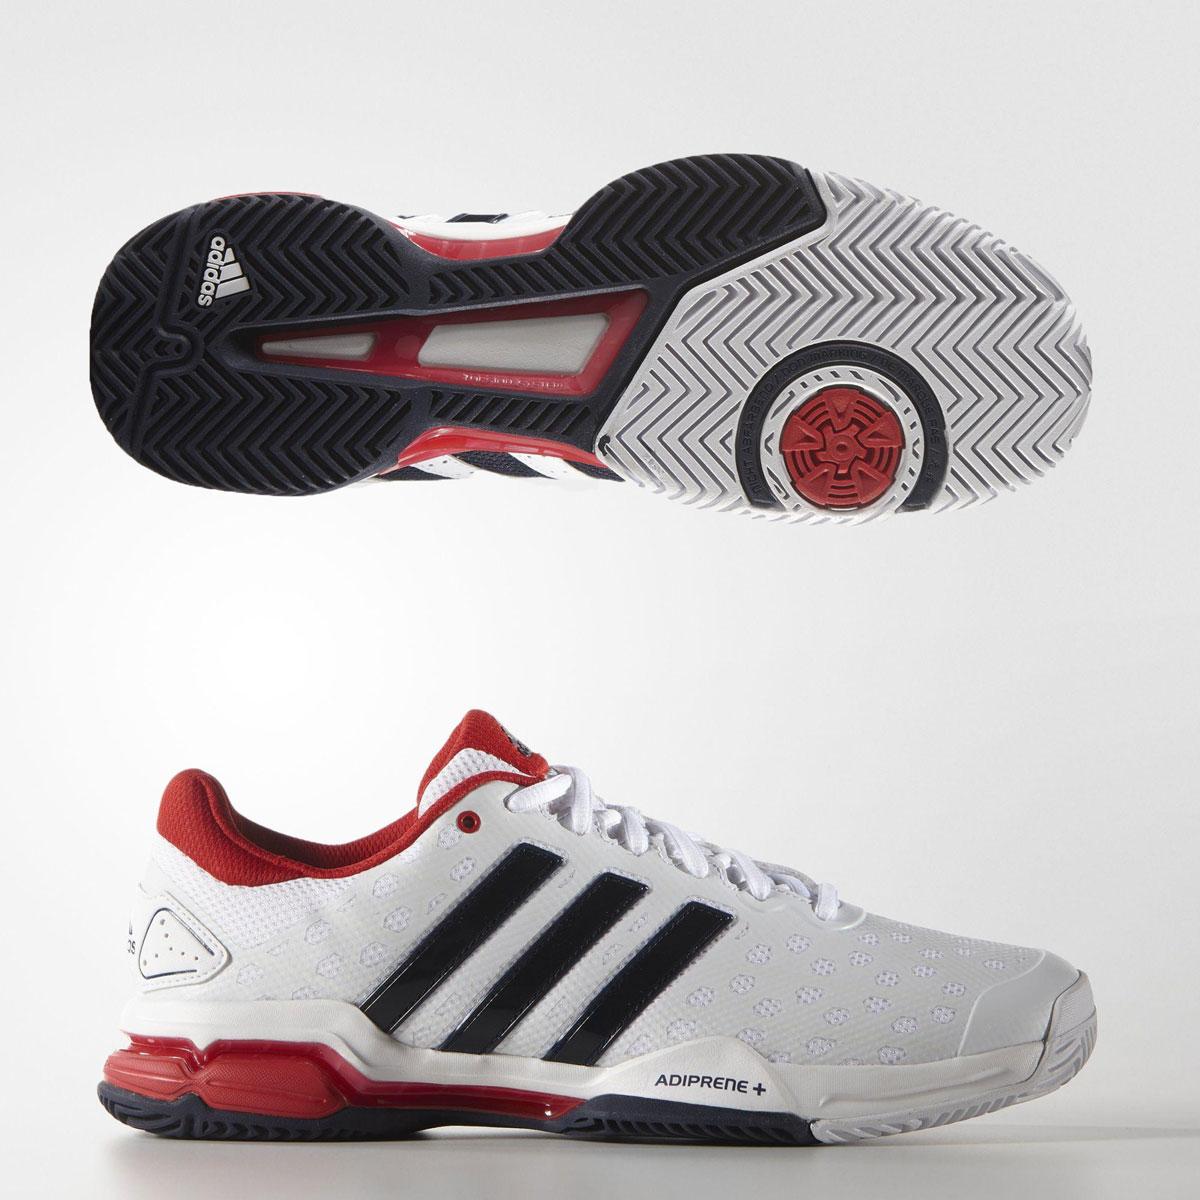 4d779278da27f Détails sur Adidas Performance pour homme Barricade Club Chaussures De  Tennis (AQ2287) RRP £ 65- afficher le titre d origine